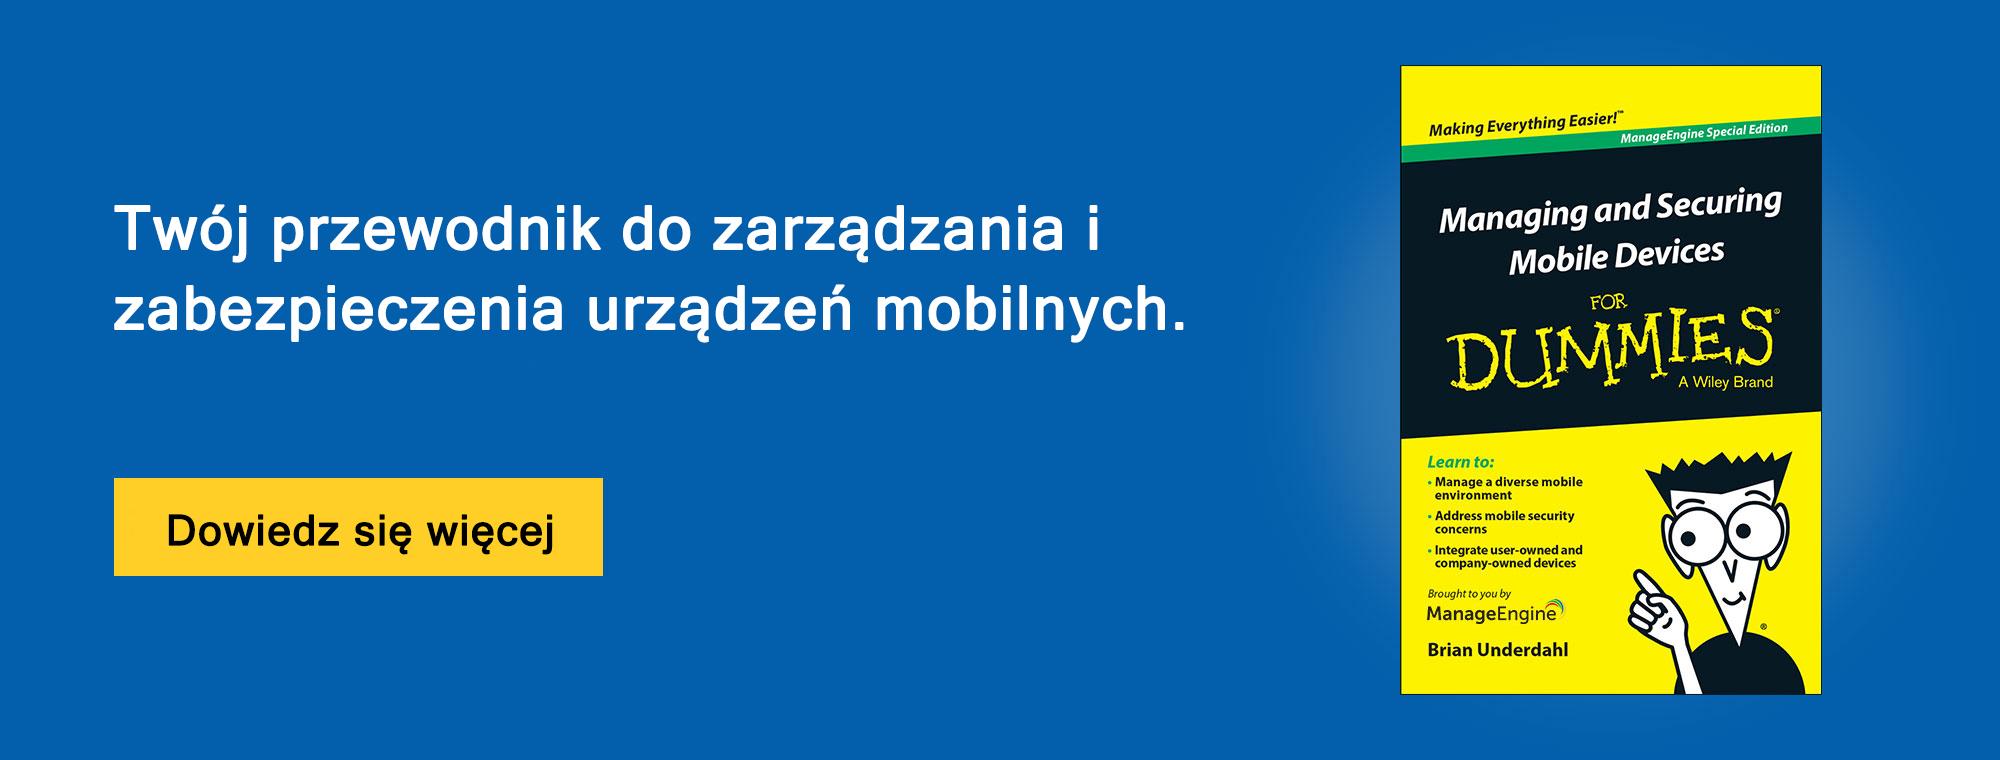 Twój przewodnik do zarządzania i zabezpieczenia urządzeń mobilnych.